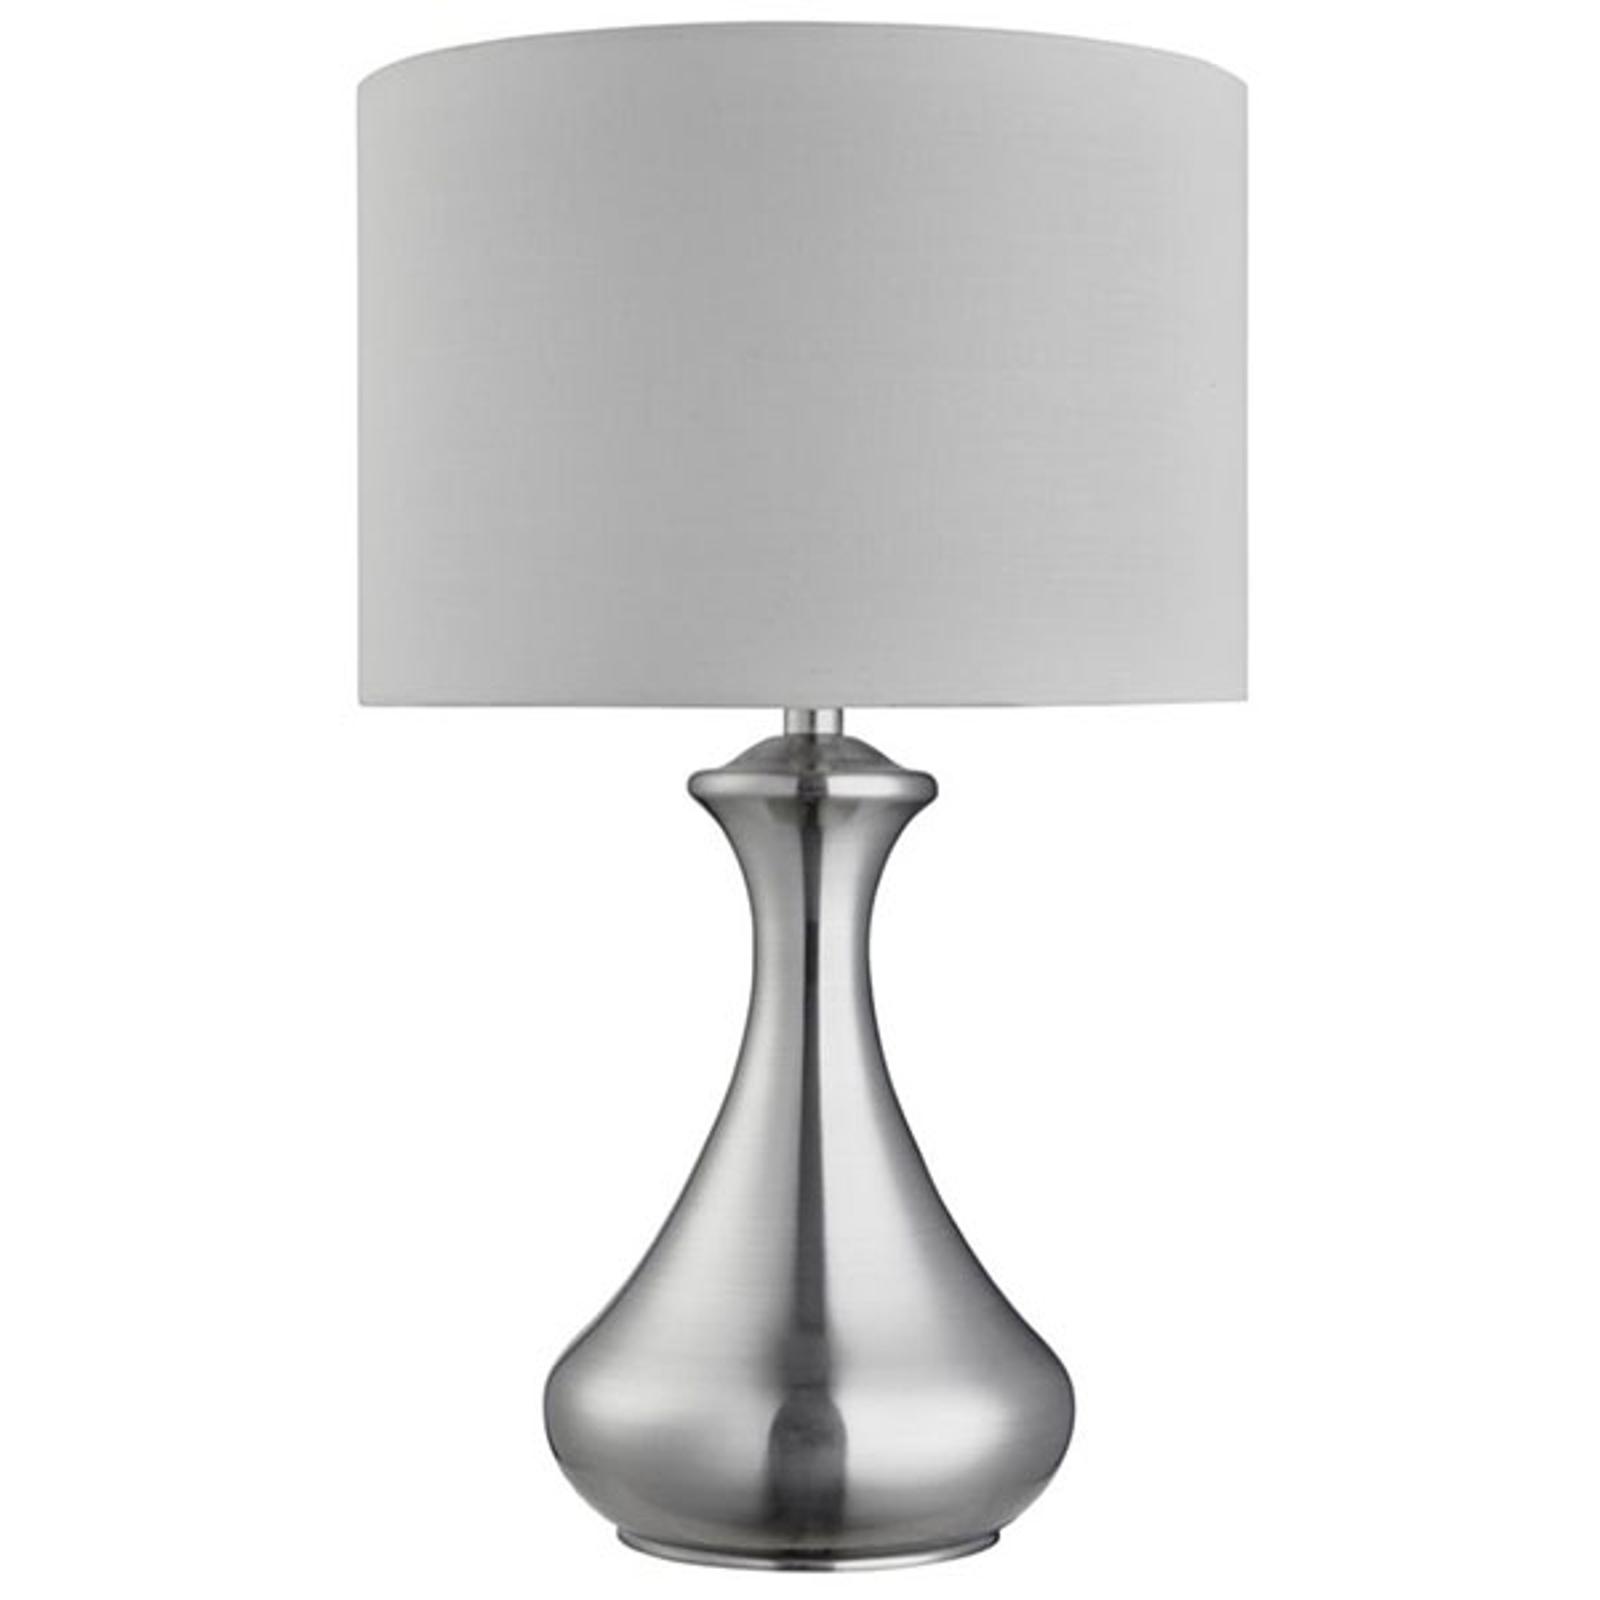 Pöytälamppu Touch 2750, hopea satiini